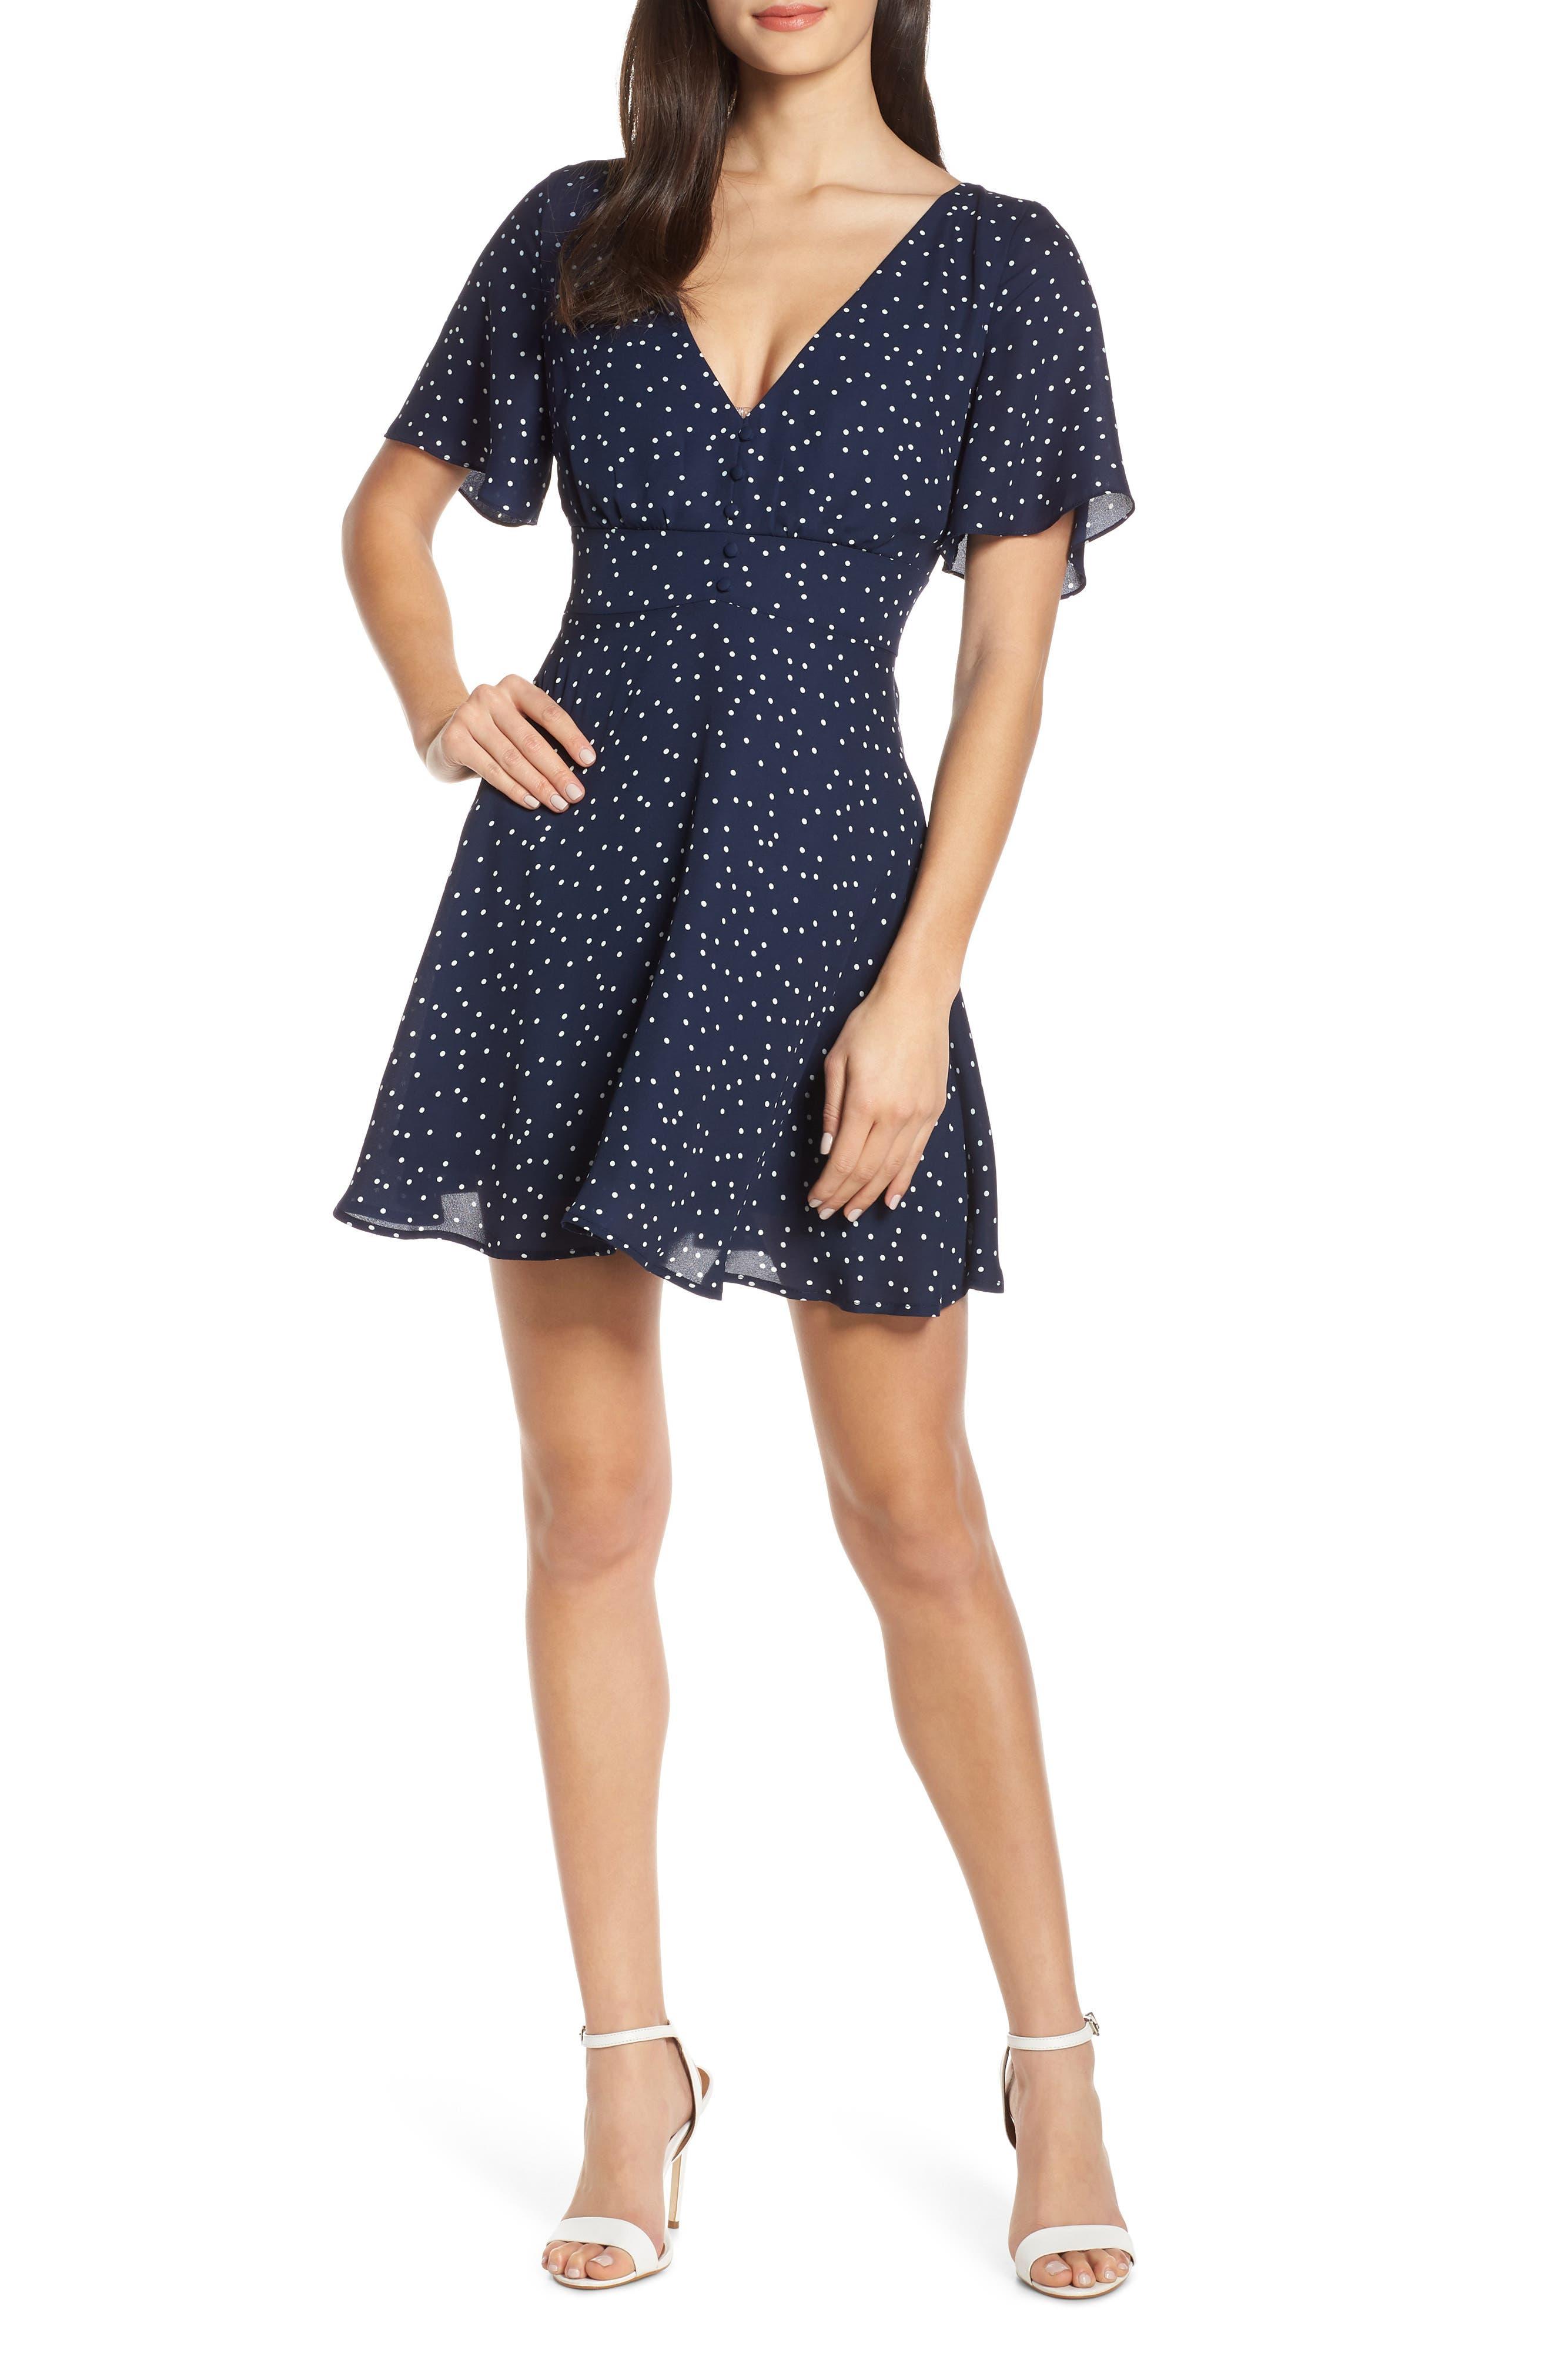 BB DAKOTA, La La Land Dot Flutter Dress, Main thumbnail 1, color, OIL SLICK